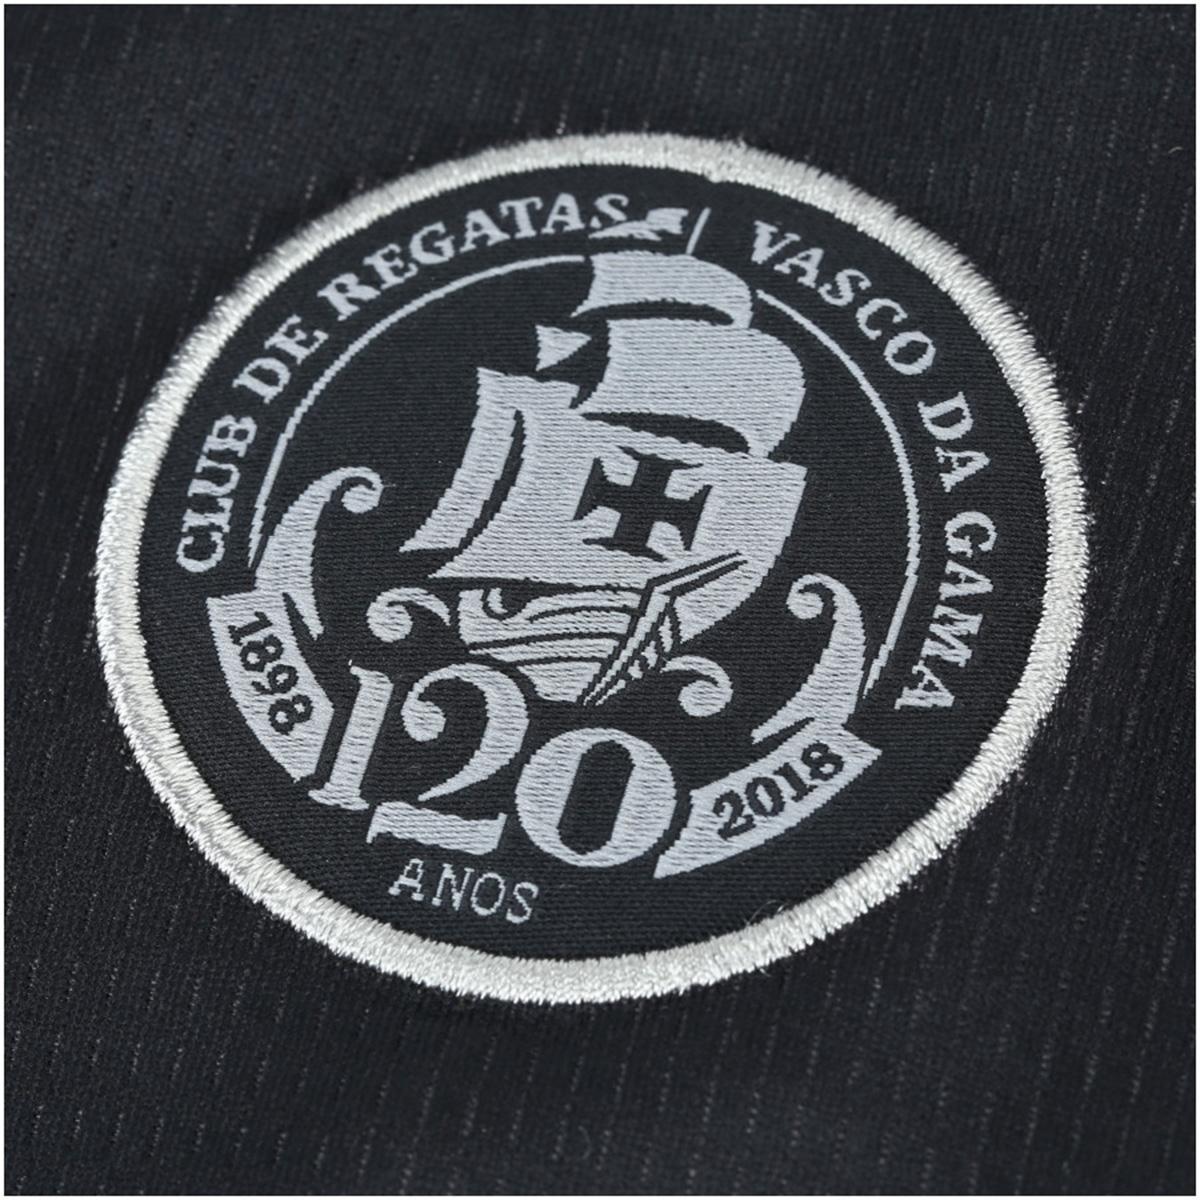 2caf53b9246ba A Classic Football Shirts possui a maior coleção de camisas internacionais  de futebol. A loja faz entregas no mundo todo e usando o cupom